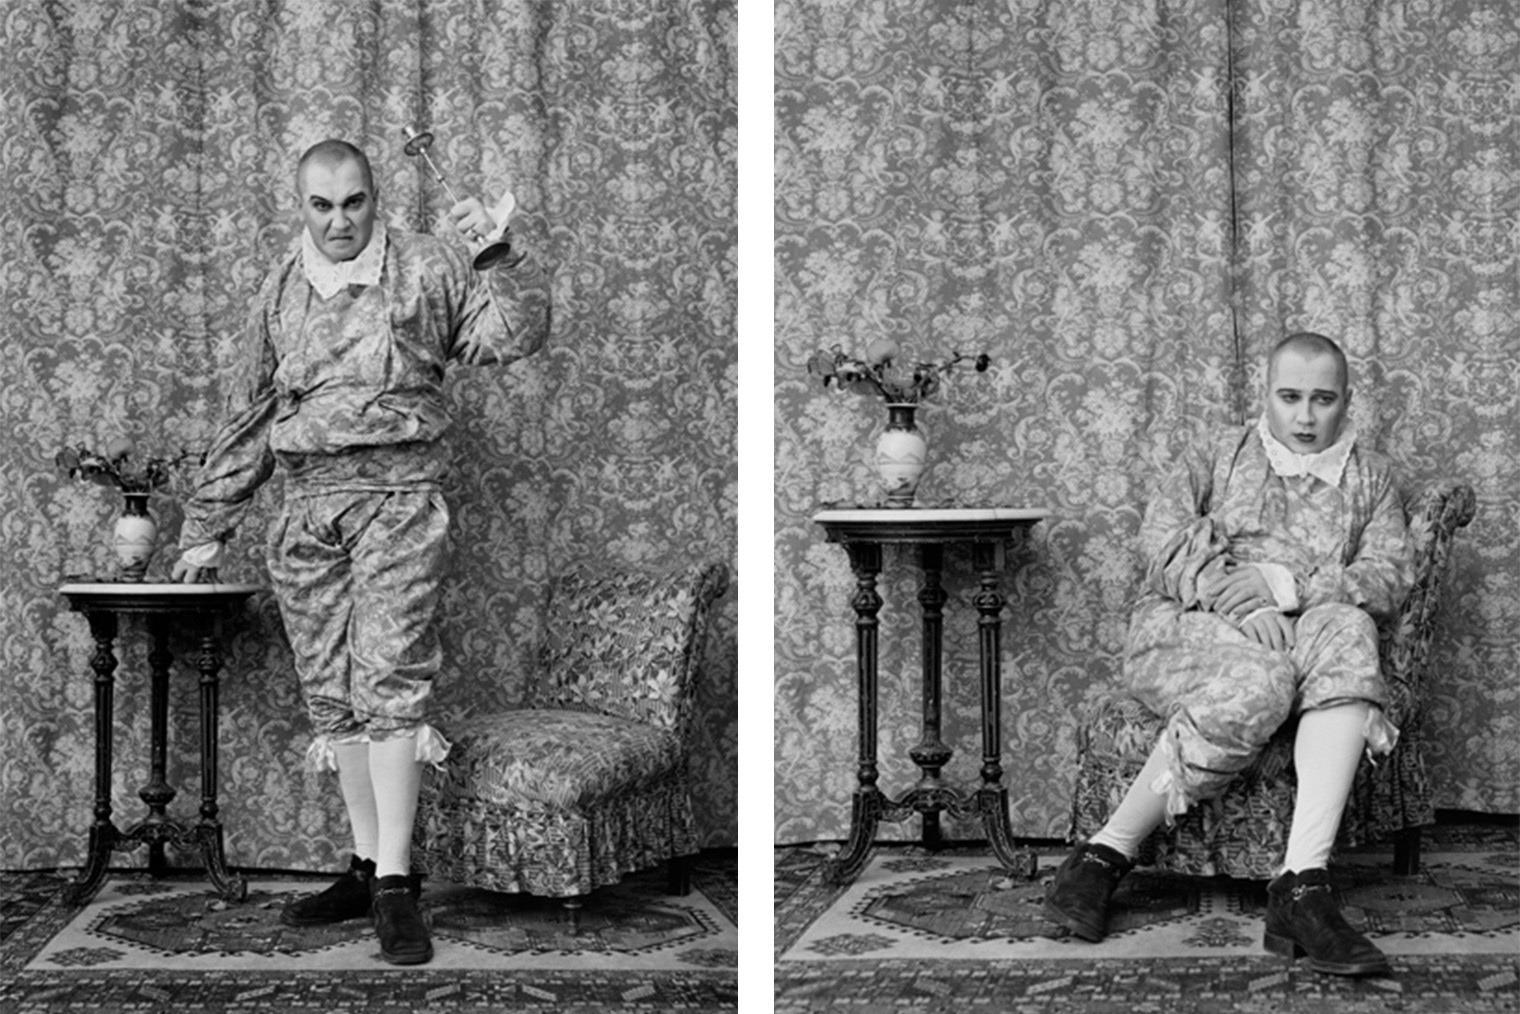 Фото Валерия Кацубы и Владислава Мамышева-Монро из серии «Всякая страсть слепа и безумна» («Гнев» и «Грусть»)